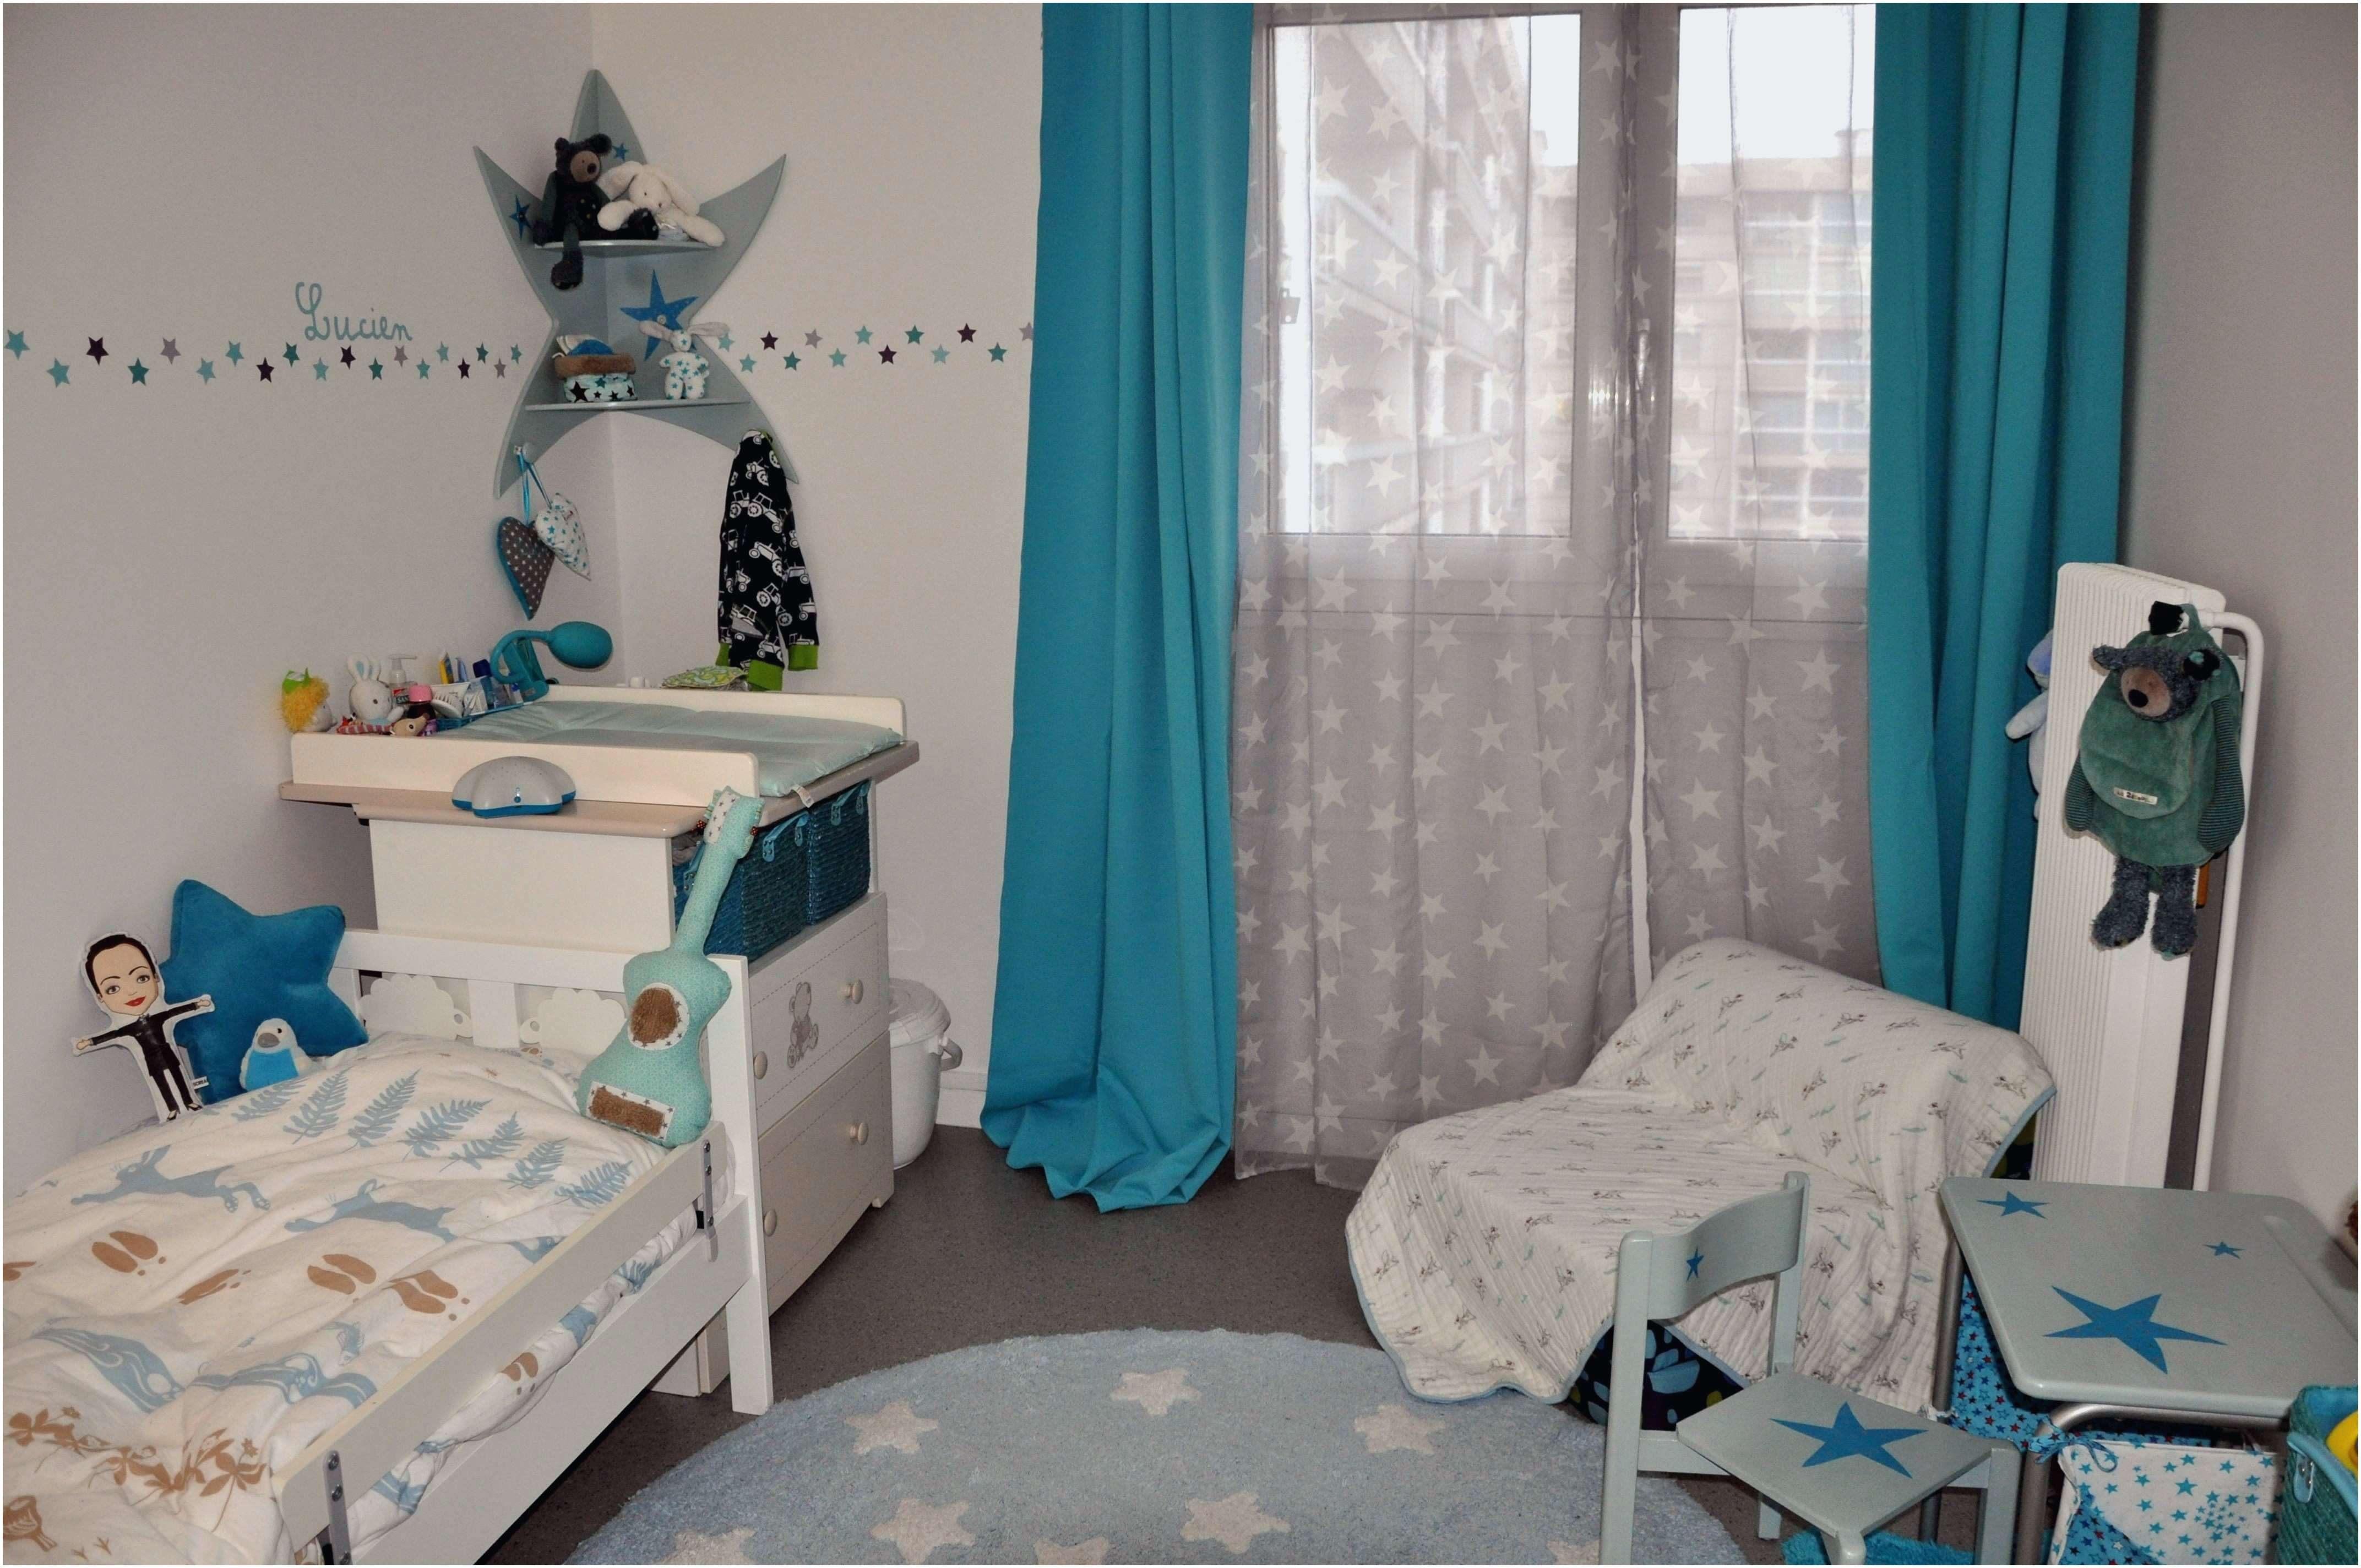 Voile Lit Bébé Douce Unique Chambre De Bébé Fille Parc B C3 A9b C3 A9 Gris Parer] 100